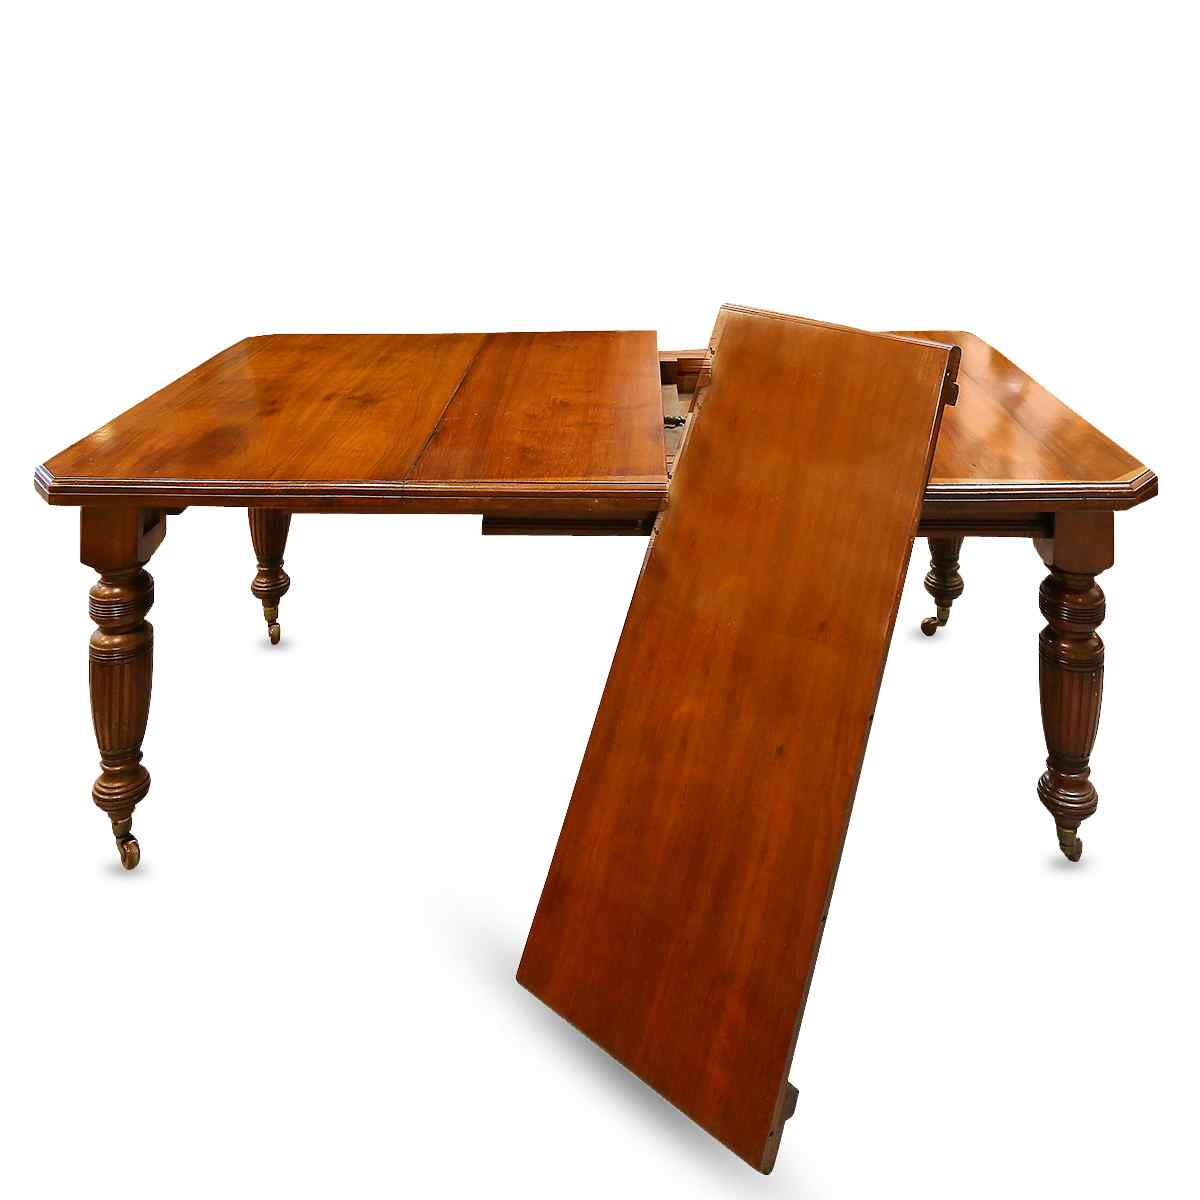 Tavolo antico a meccanismo del XIX secolo